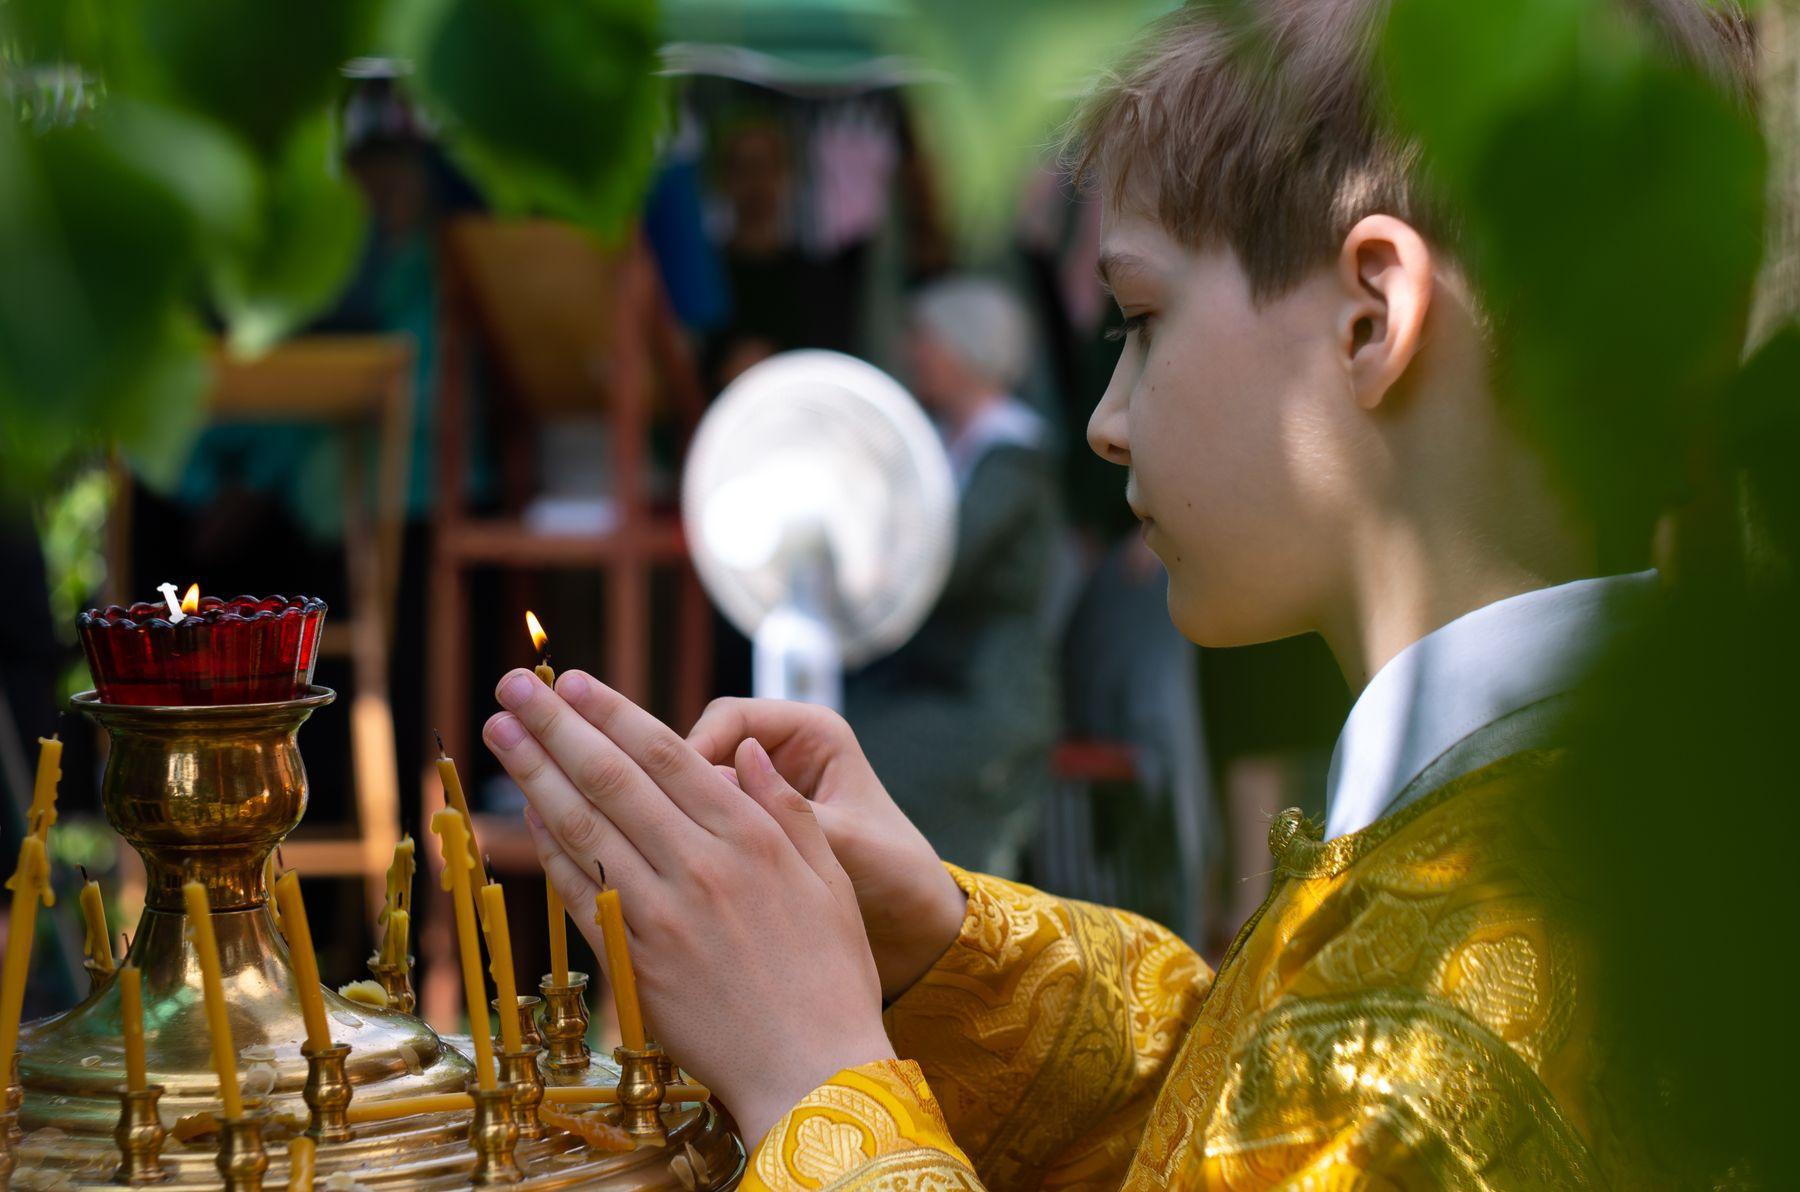 Мальчик служка на уличной службе Святой Троицы церковь служба мальчик свечи Троица пентакс